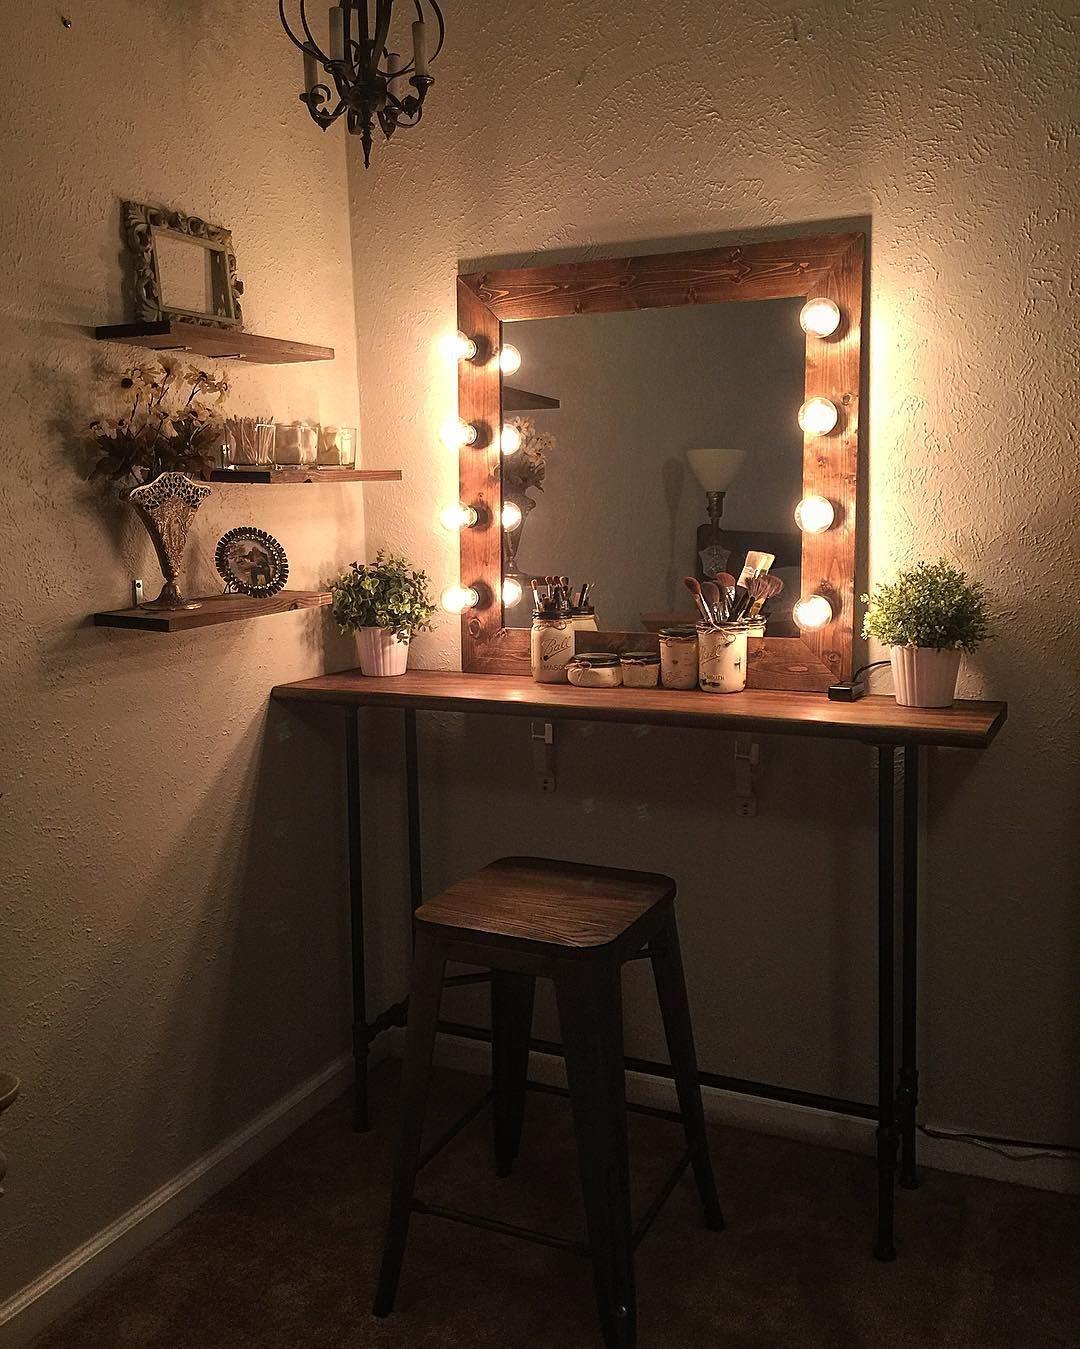 Cute easy simple DIY wood rustic vanity mirror with